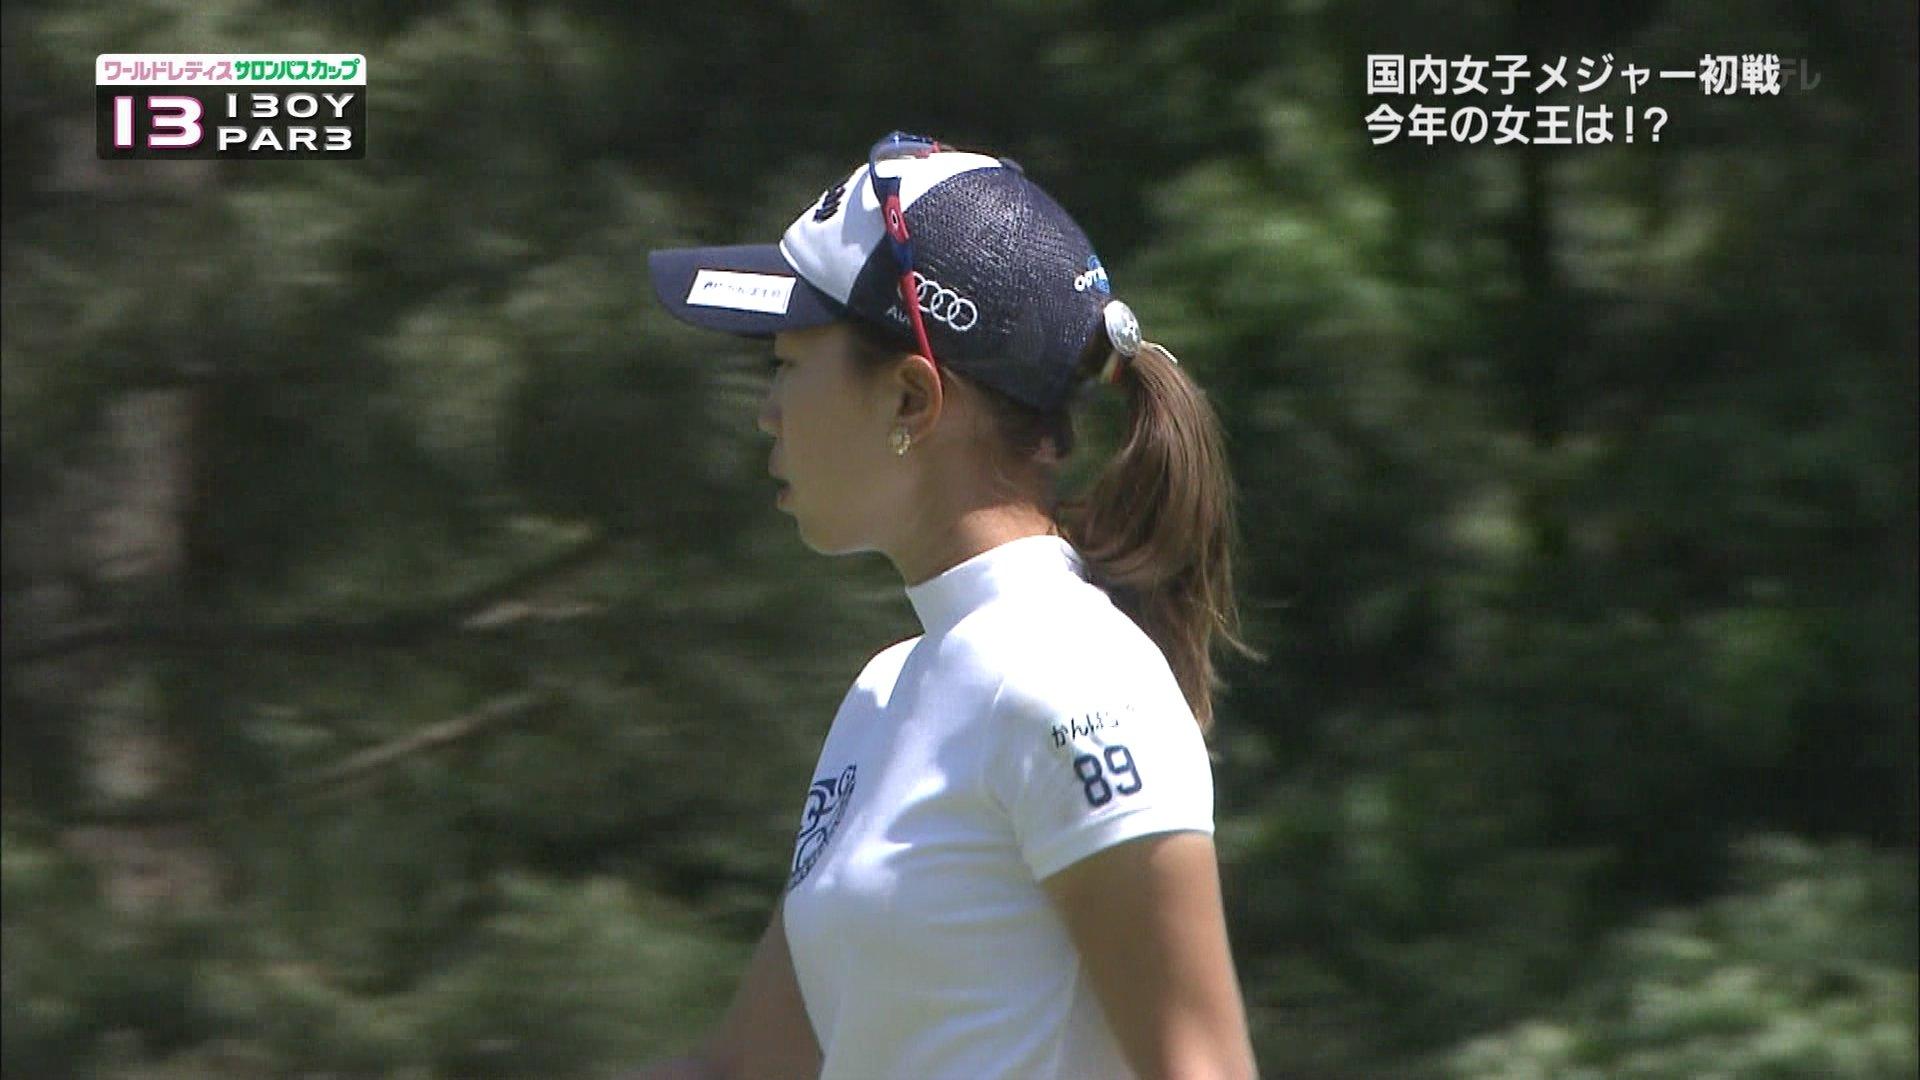 上田桃子 ワールドレディース サロンパスカップ 0008